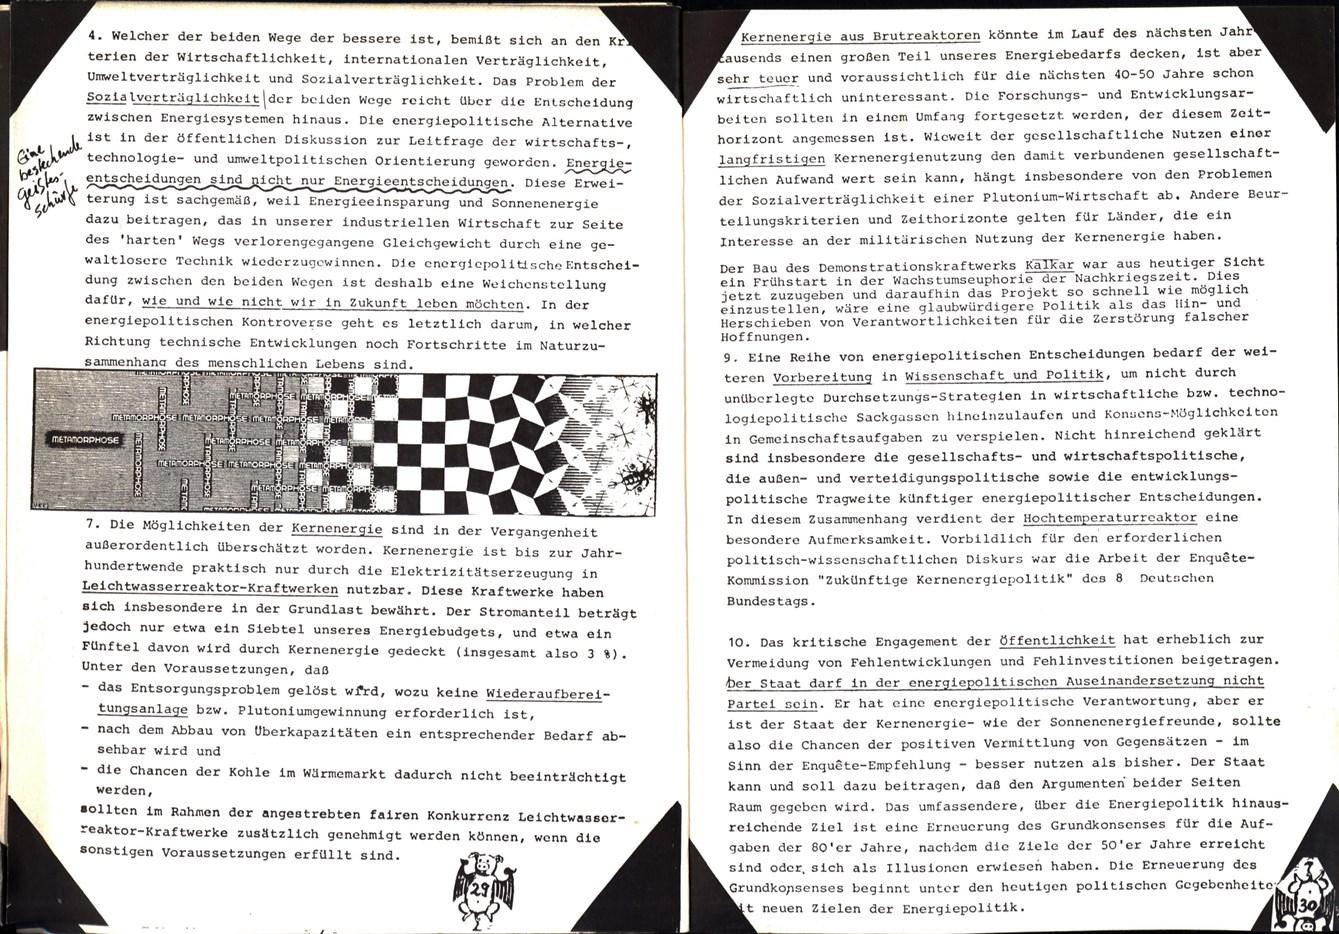 NRW_AKW_LKNRW_19830120_41_16